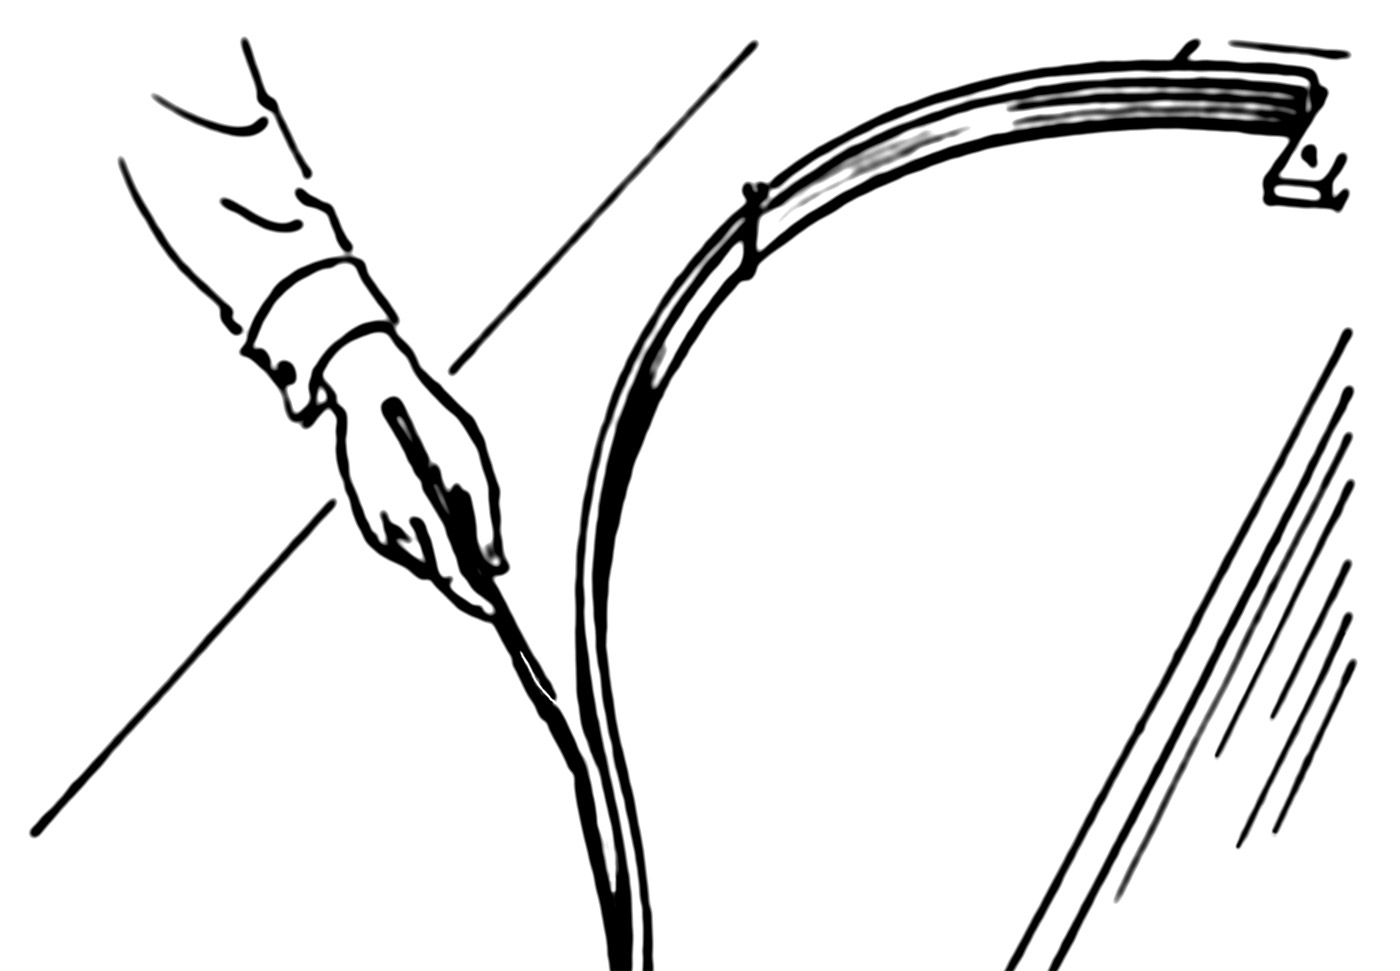 Line-art drawing of a spline.